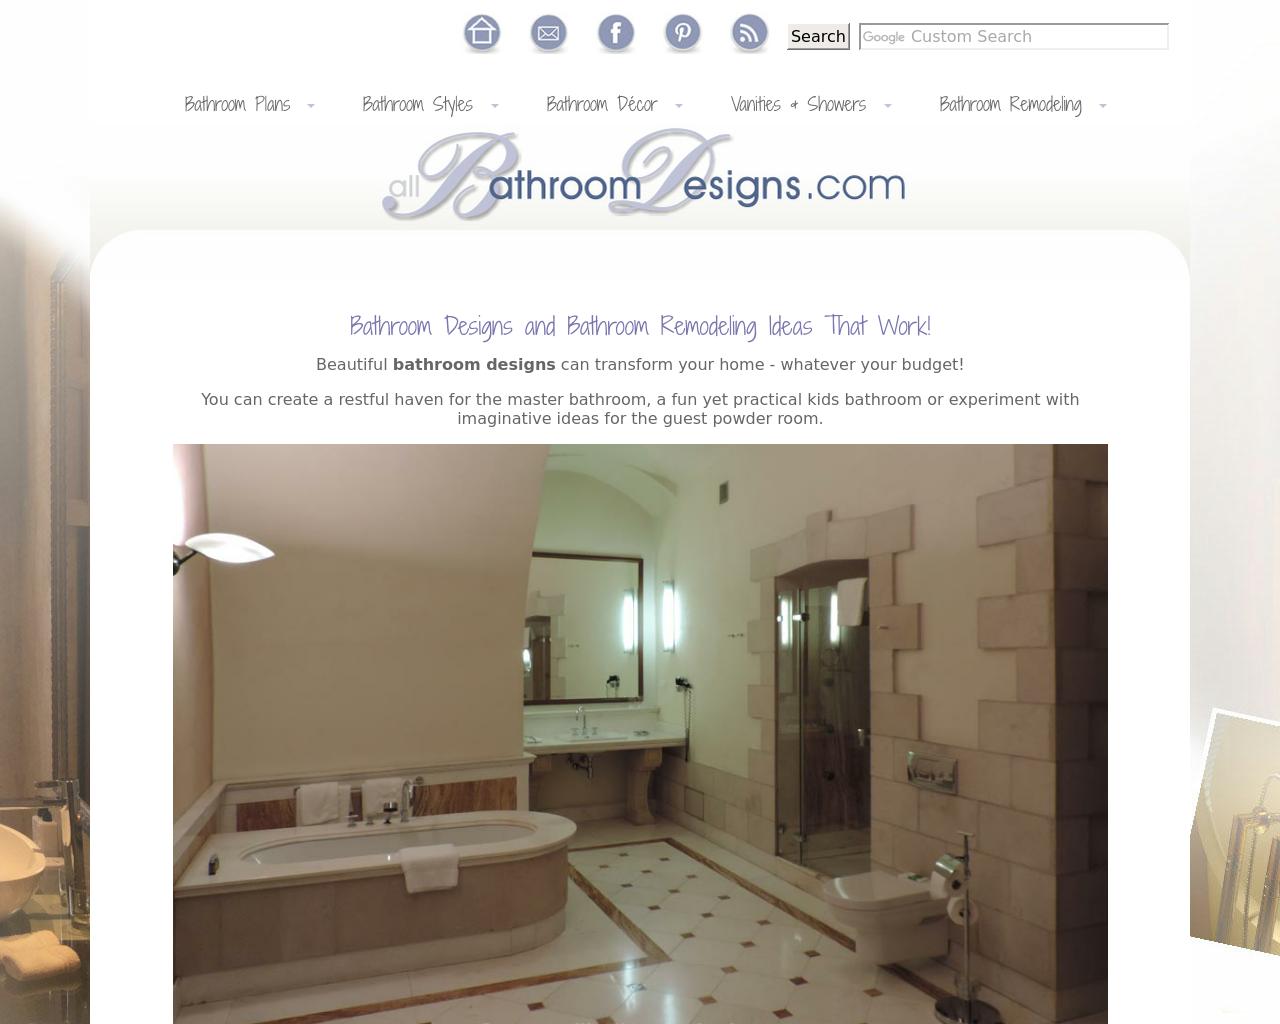 AllBathroomDesigns.com-Advertising-Reviews-Pricing